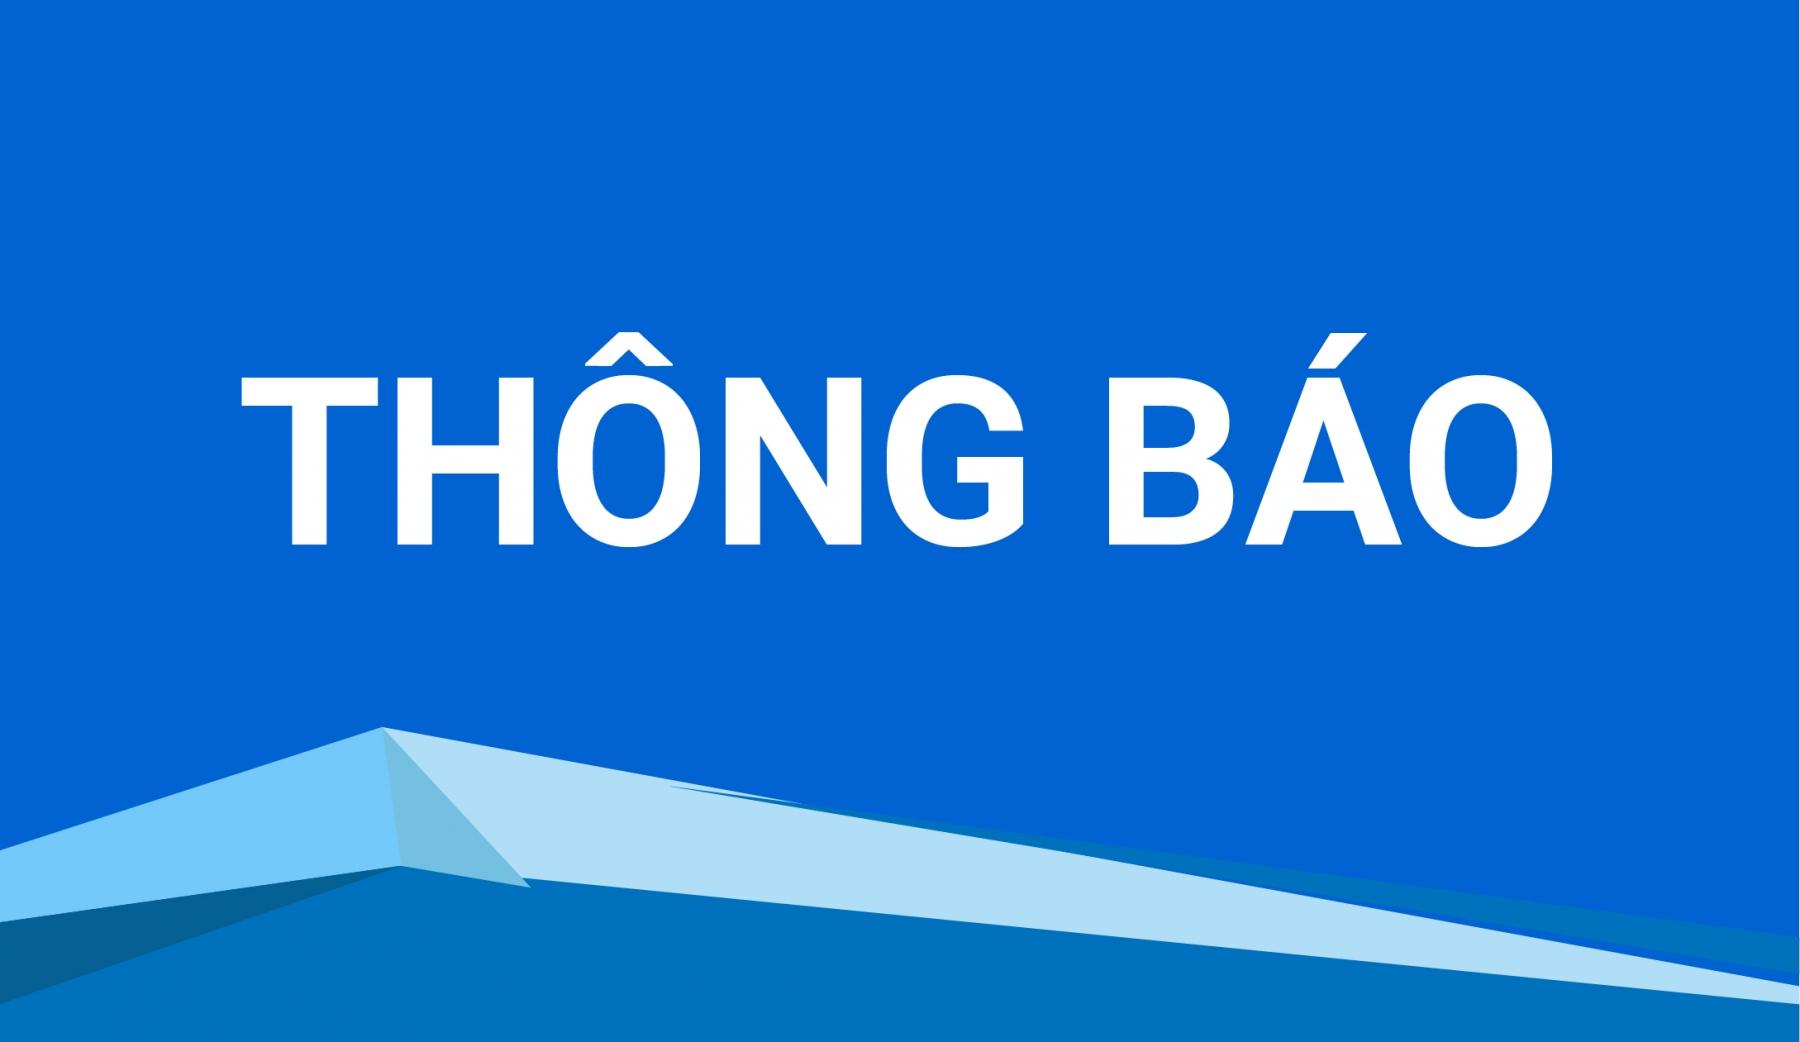 Thay đổi biên độ giá giao dịch của Hợp đồng Kỳ hạn tiêu chuẩn hàng hóa tại Sở Giao dịch Hàng hóa Việt Nam